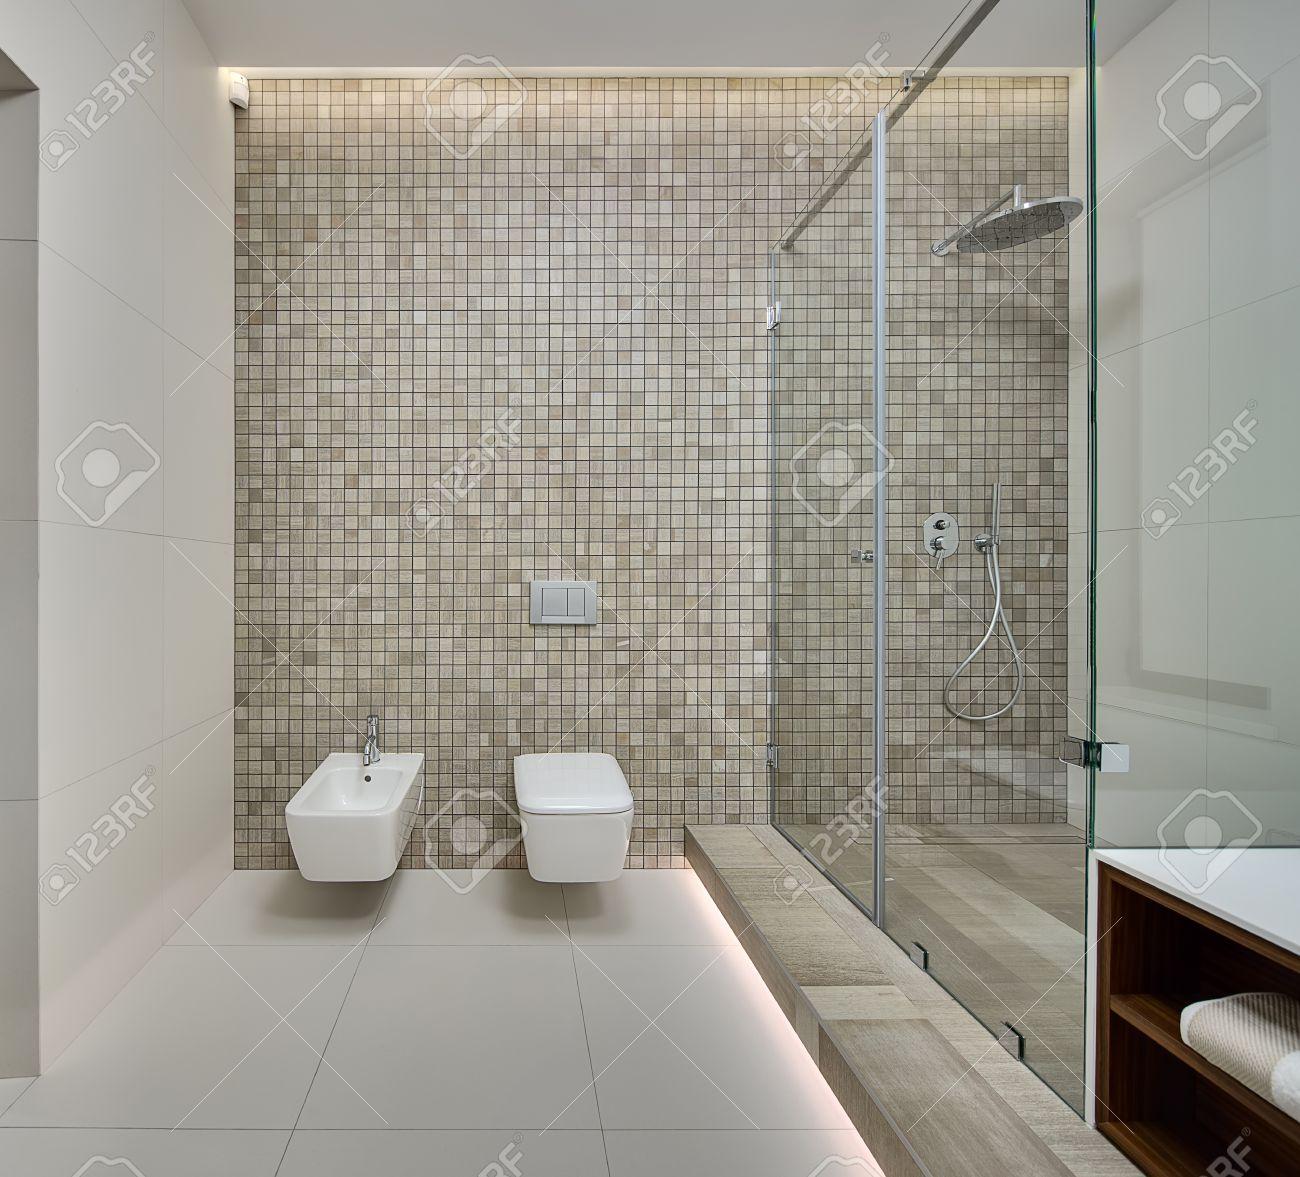 Salle d\'eau dans un style moderne. Paroi arrière décorée de mosaïque beige.  Sur le mur arrière, il y a un bidet blanc, toilette et commutateurs blanc.  ...